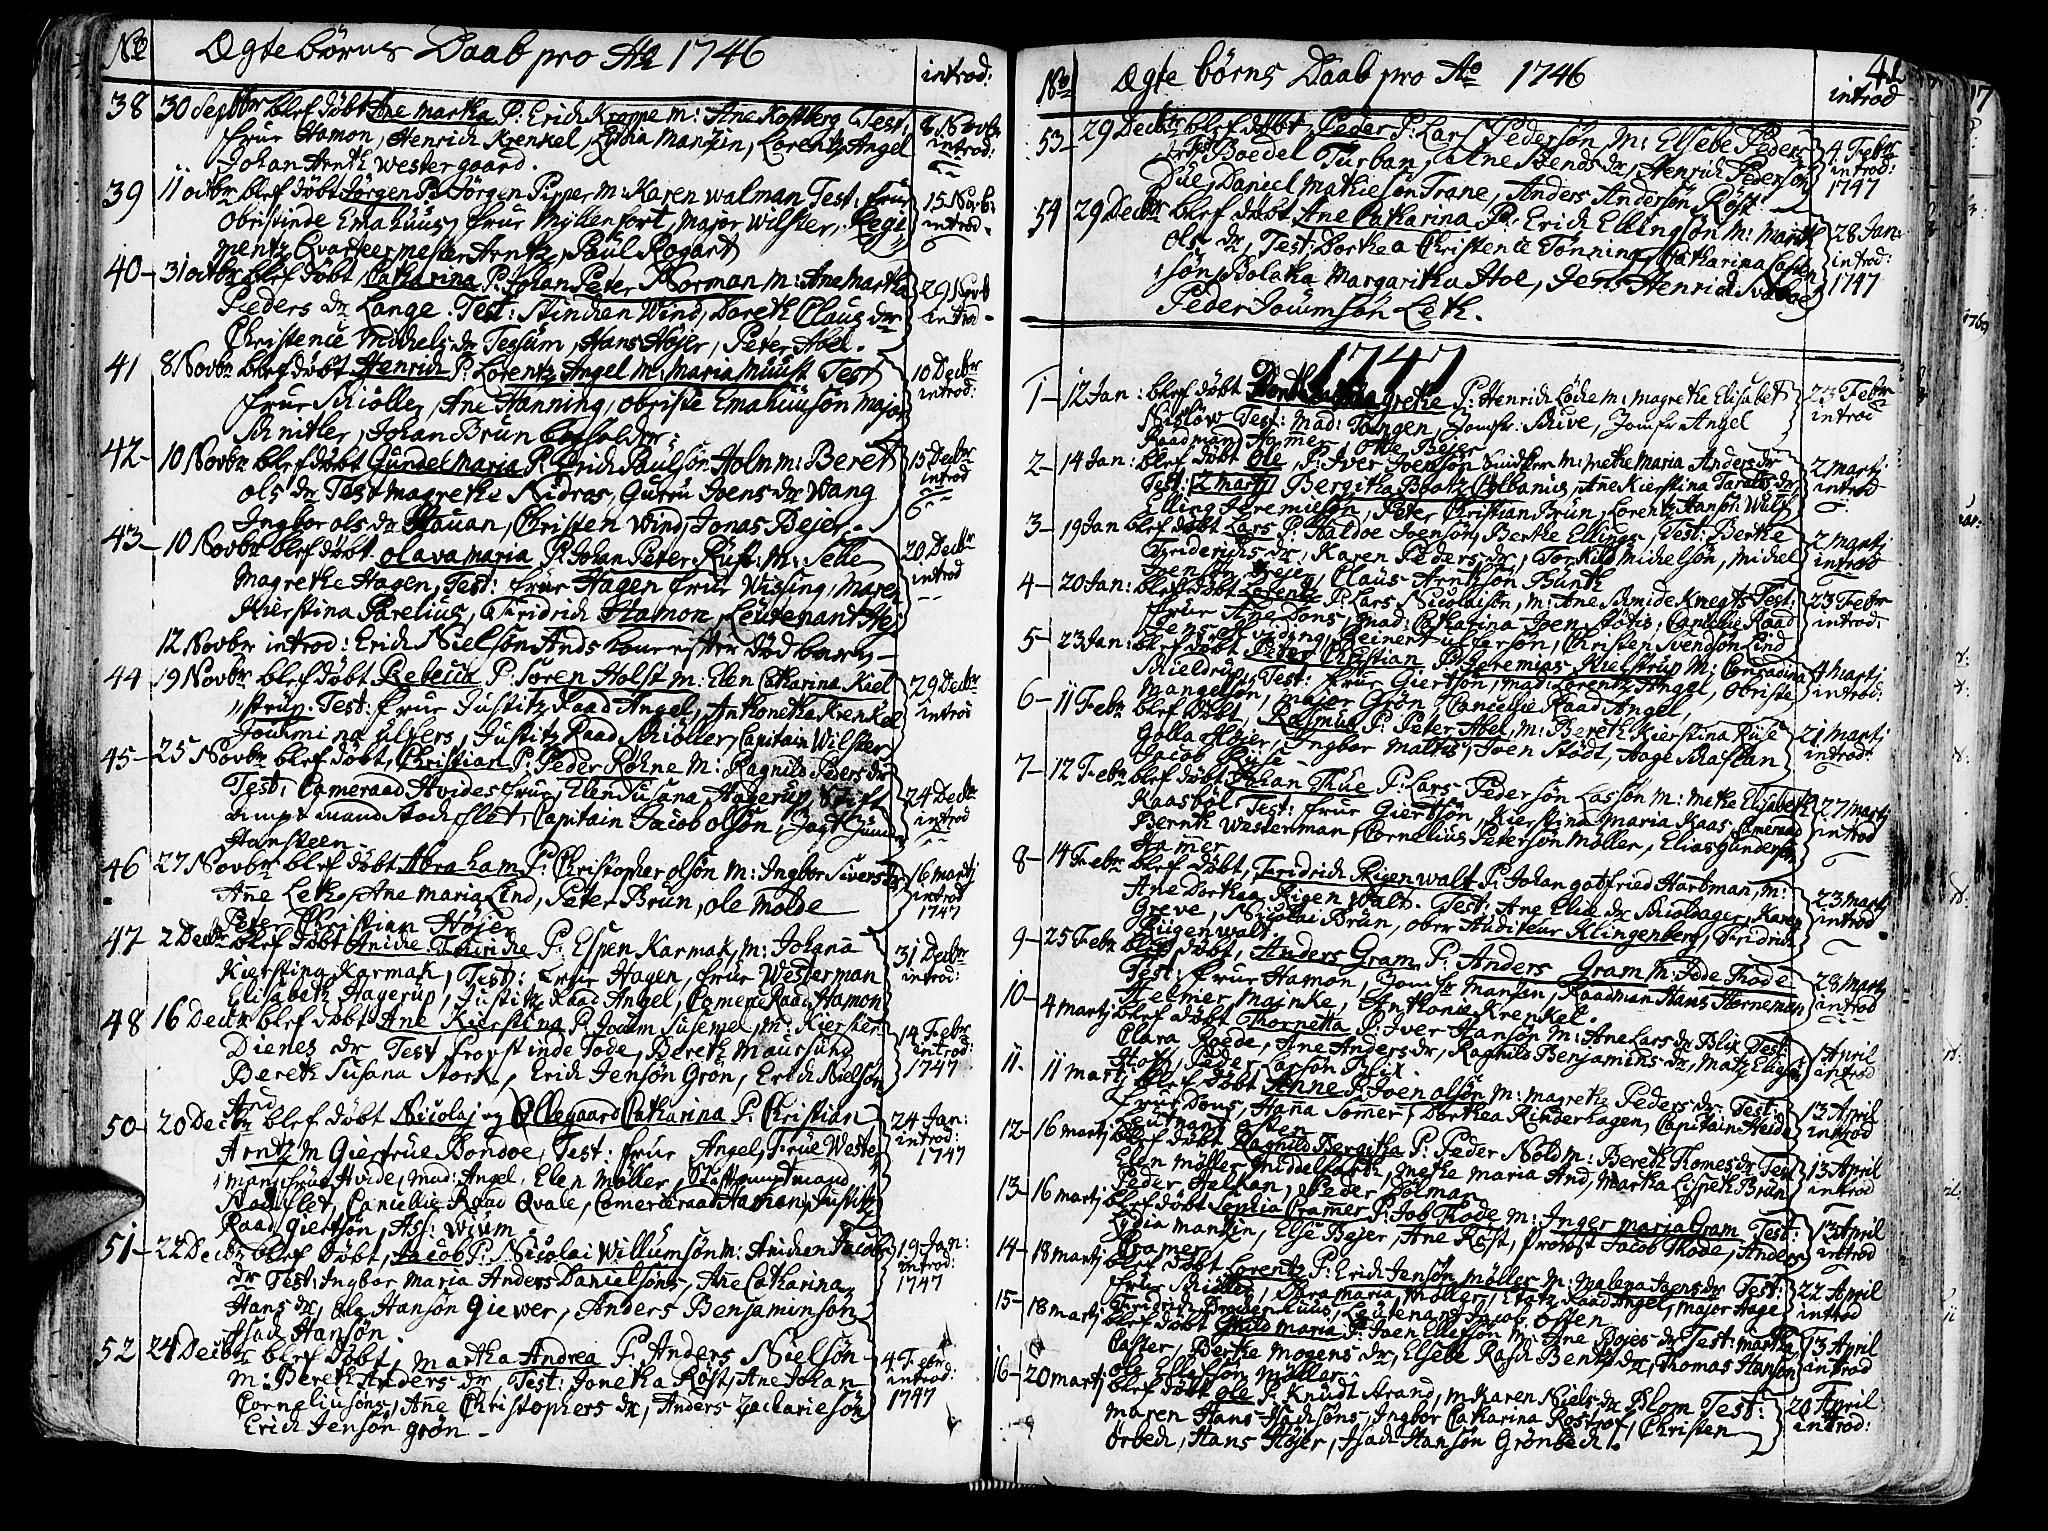 SAT, Ministerialprotokoller, klokkerbøker og fødselsregistre - Sør-Trøndelag, 602/L0103: Ministerialbok nr. 602A01, 1732-1774, s. 41